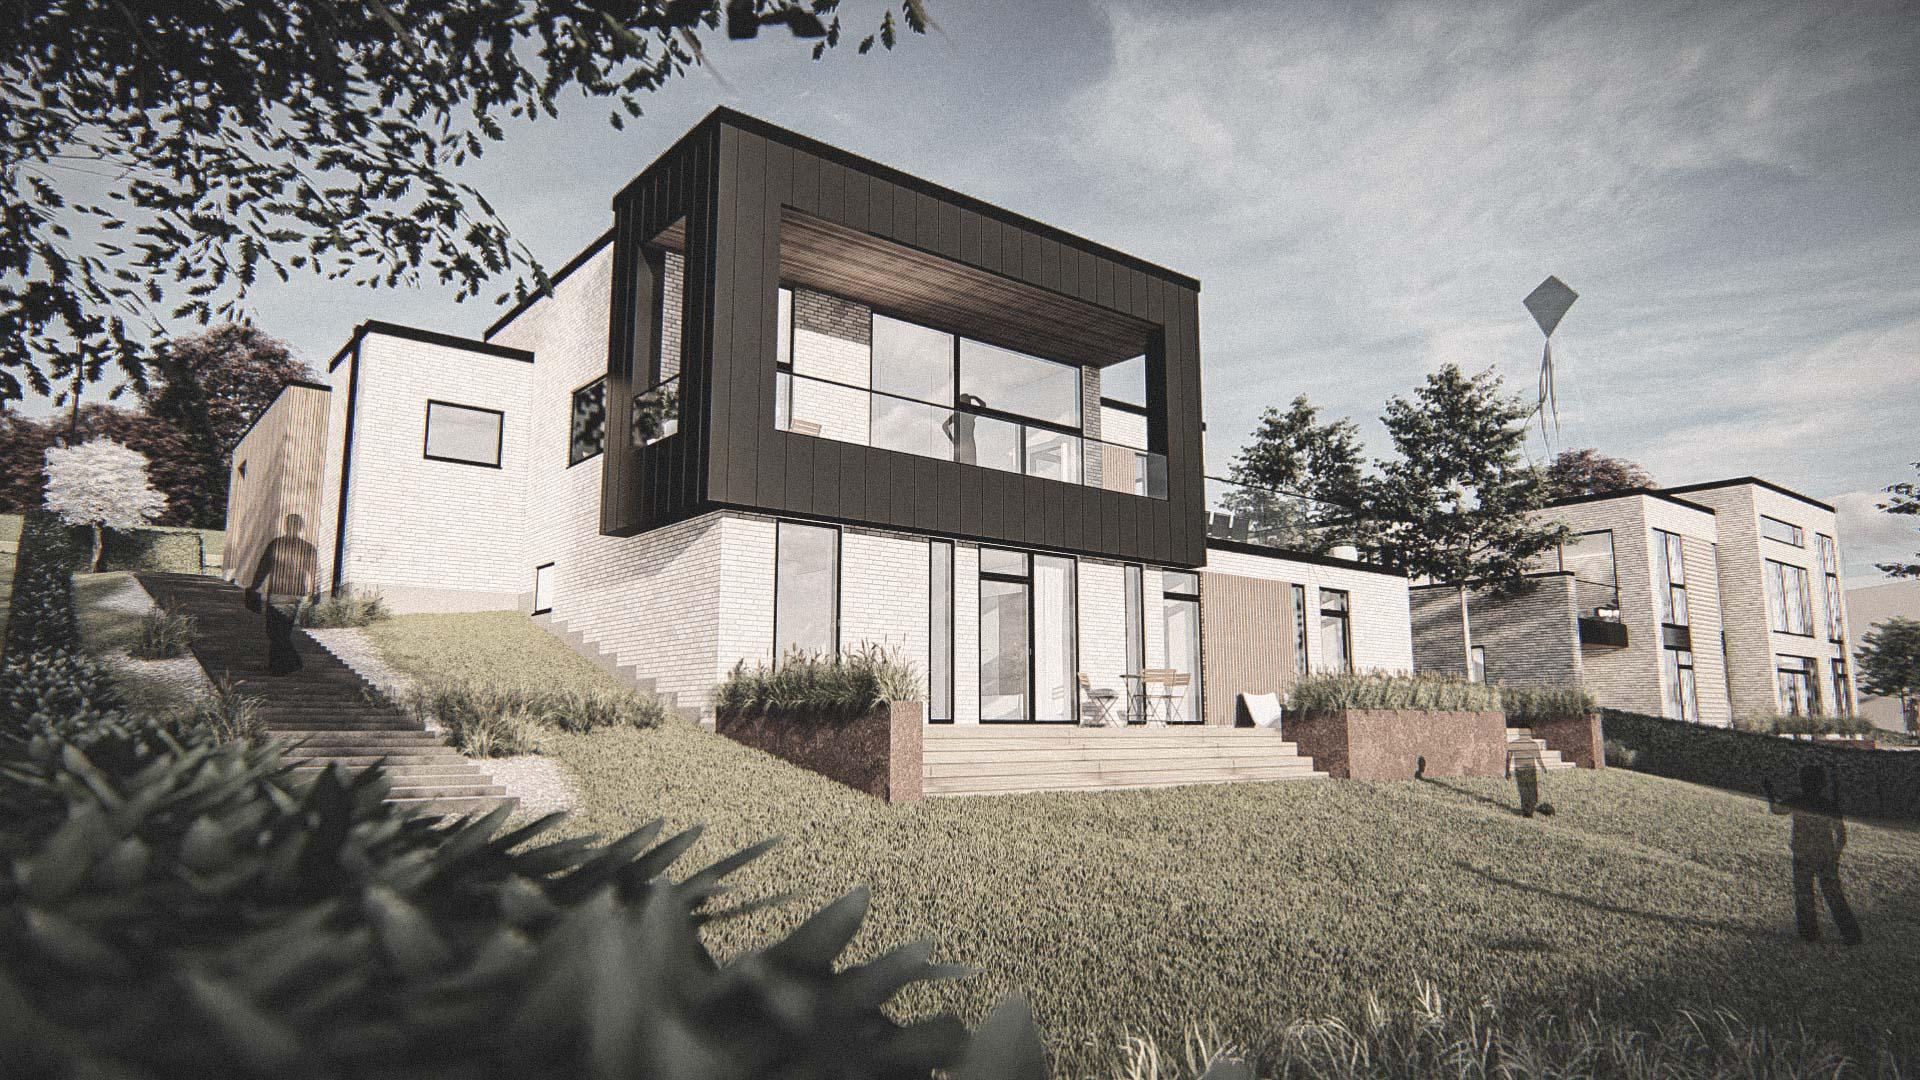 Billede af et arkitekt tegnet projektforslag af ny drømme villa i parterreplan beliggende i Viborg, af det danske arkitektfirma m2plus